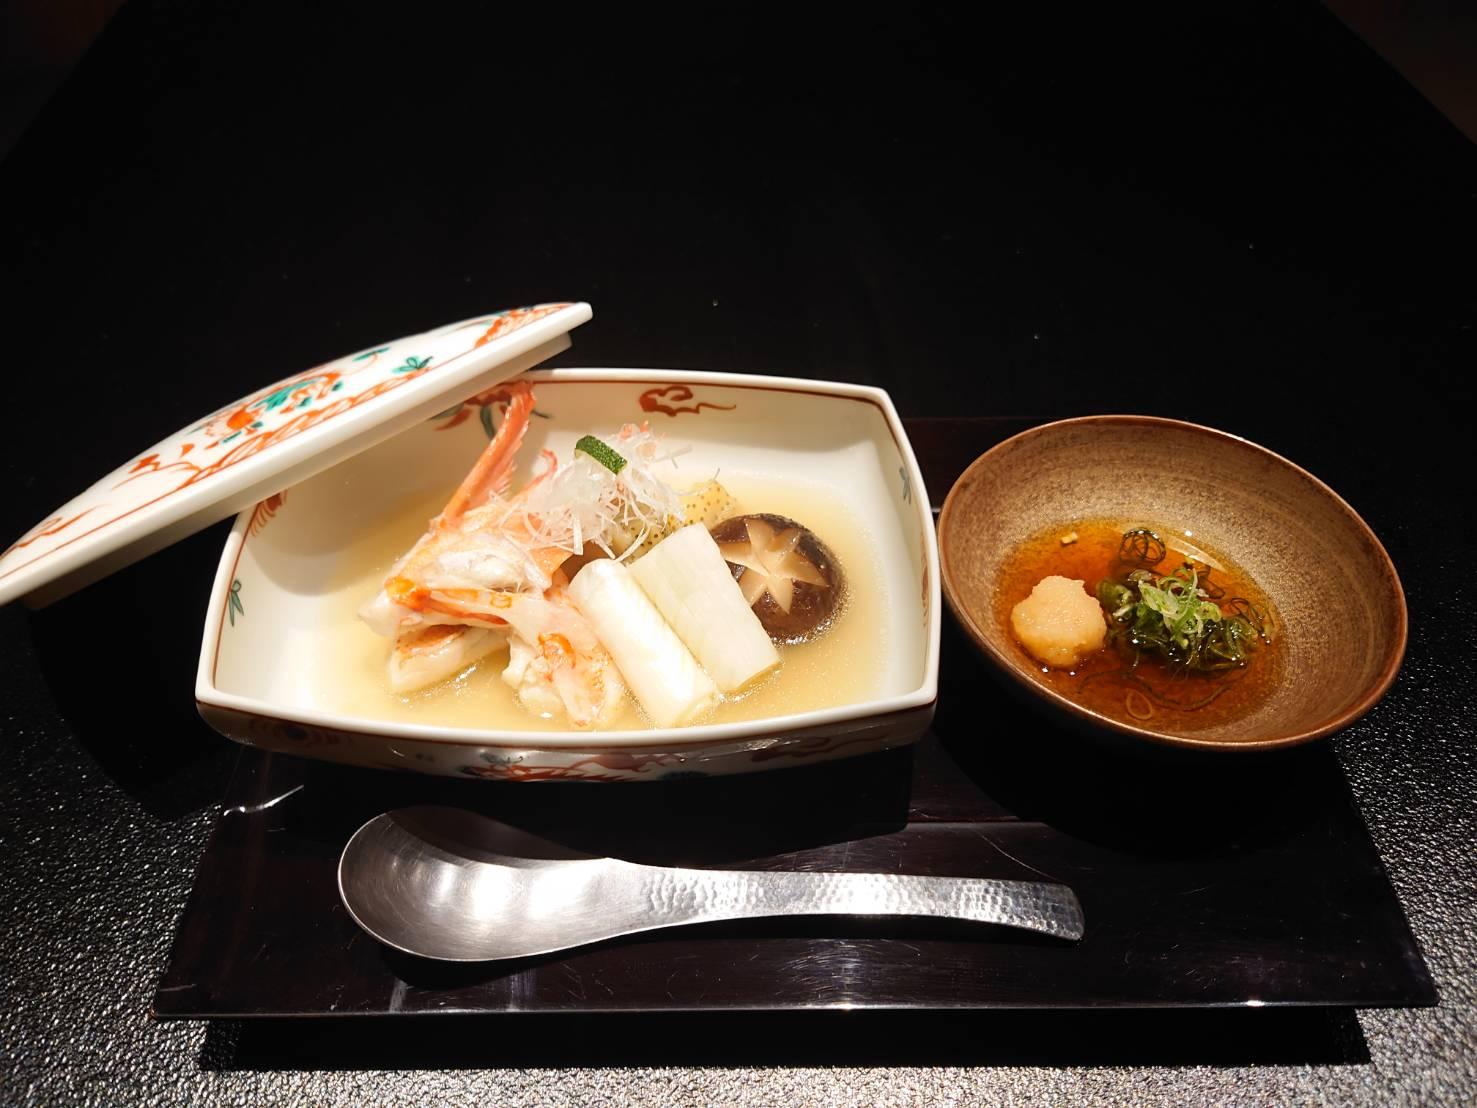 【日本料理 みつわ】季節のお椀<p>季節の魚介を楽しむお椀。 今回は、網走産きんきの酒蒸しでございます。 ふわりとした京賀茂茄子と、 甘みたっぷりの千寿葱と共にいただく やさしい味わいのお椀でございます。</p>